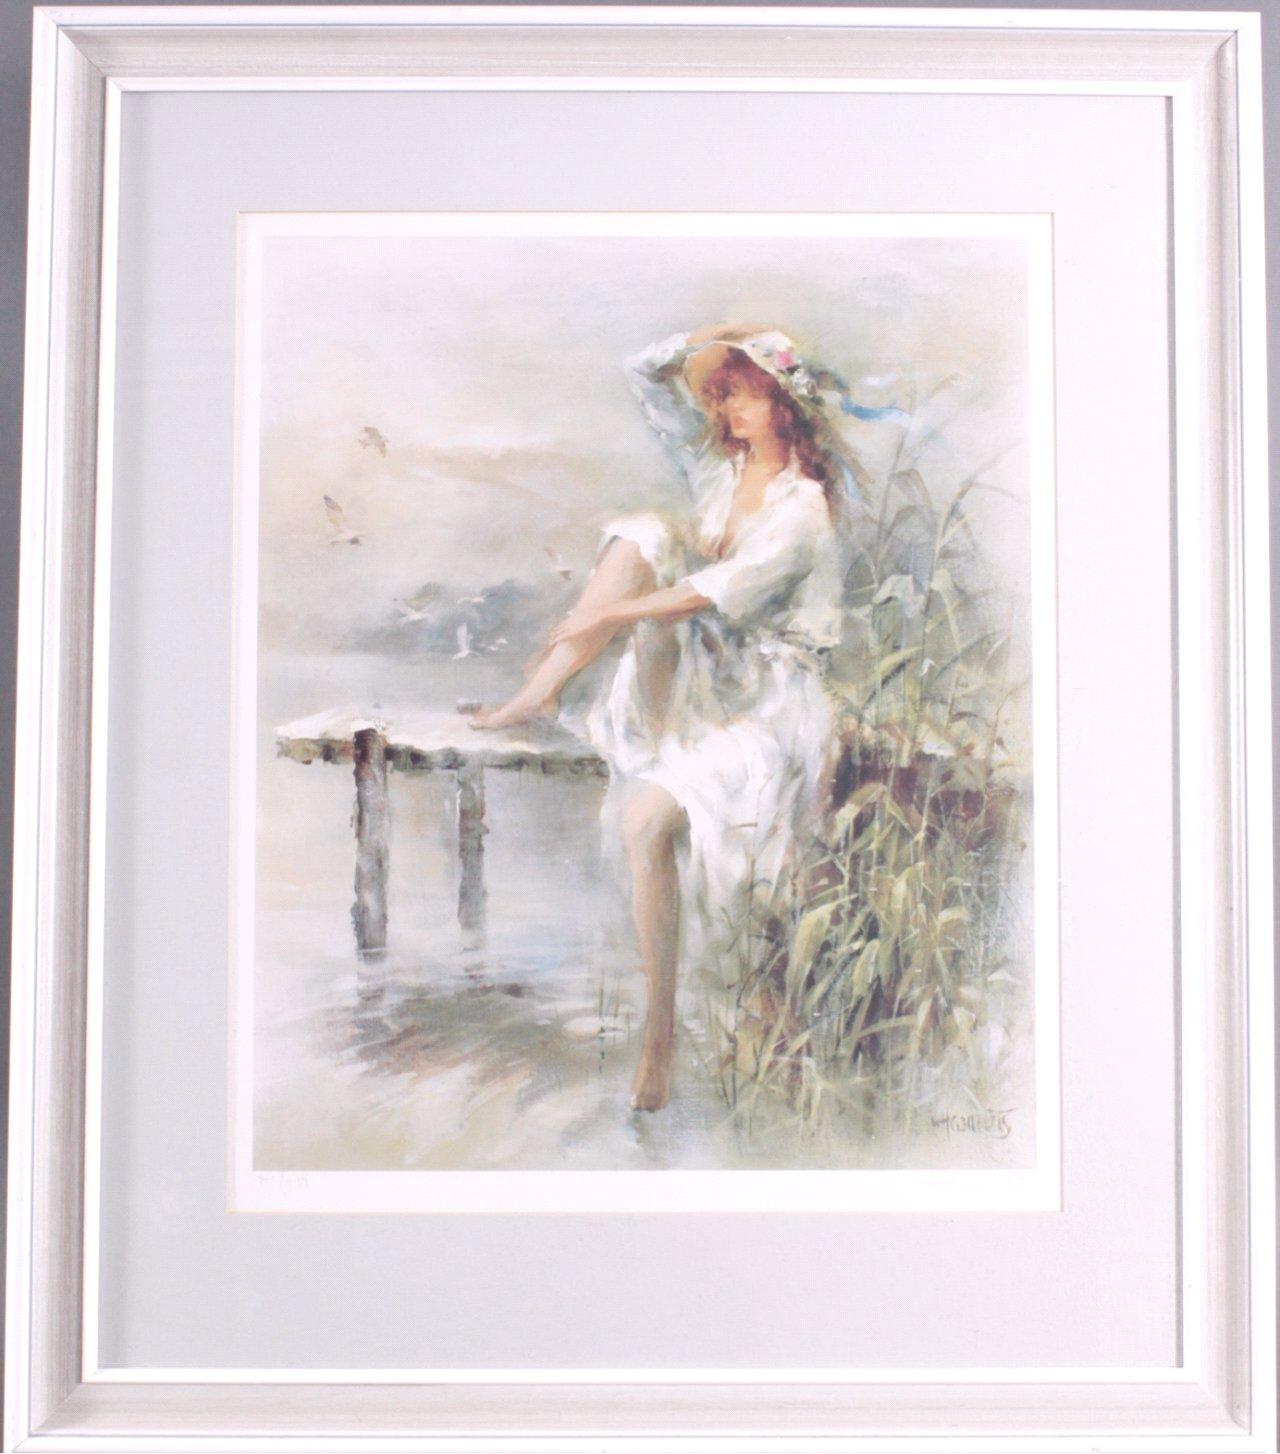 Fablithographie junge Dame auf einem Steg sitzend